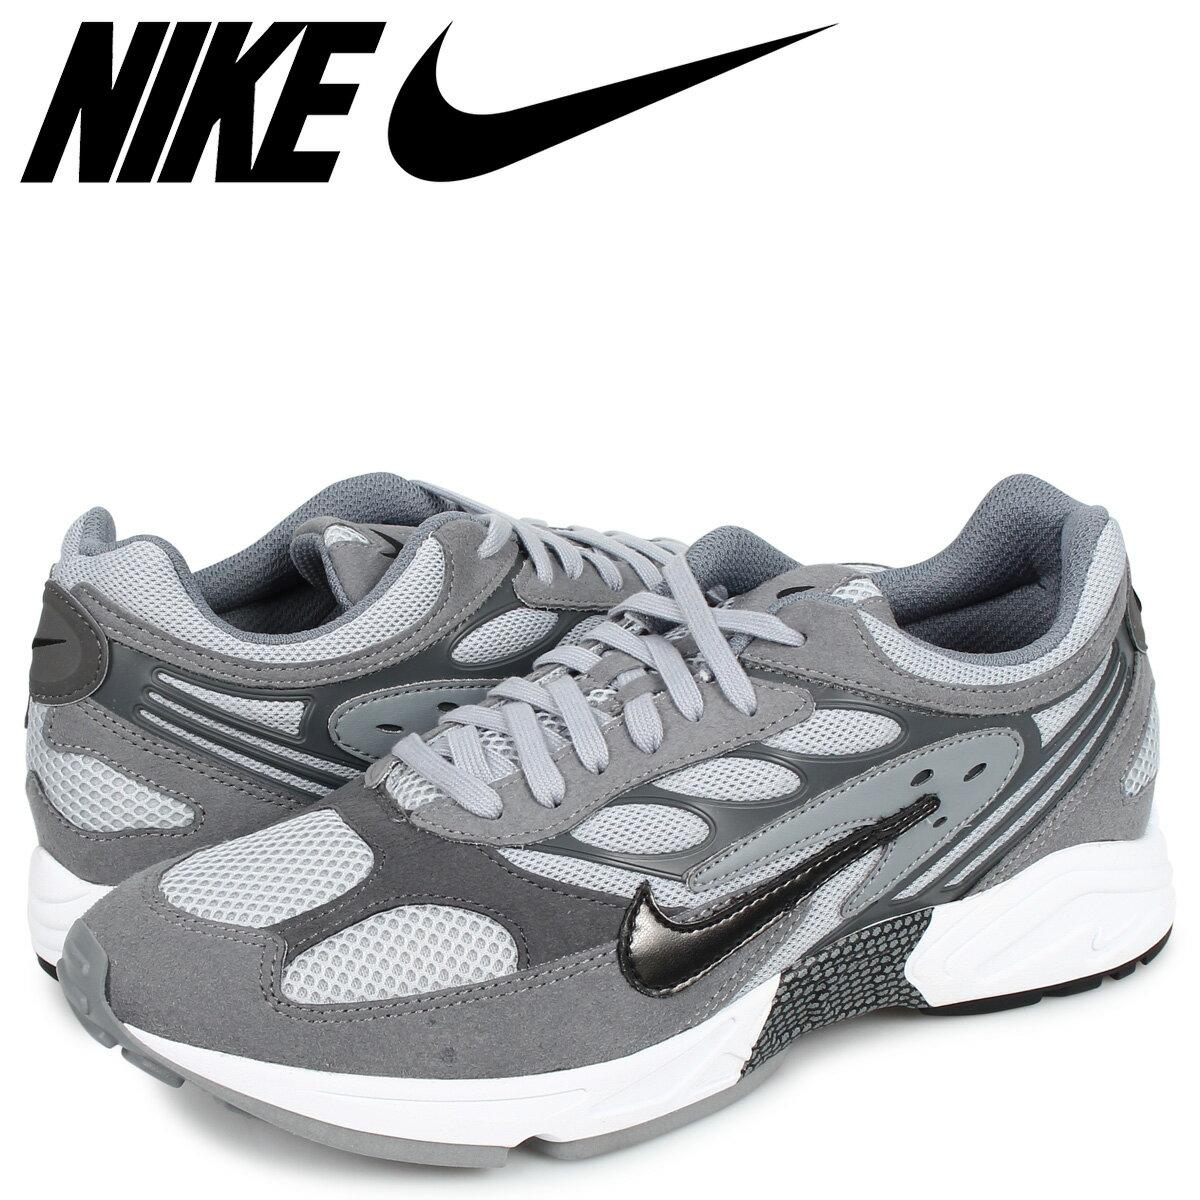 メンズ靴, スニーカー 2000OFF NIKE AIR GHOSTRACER AT5410-003